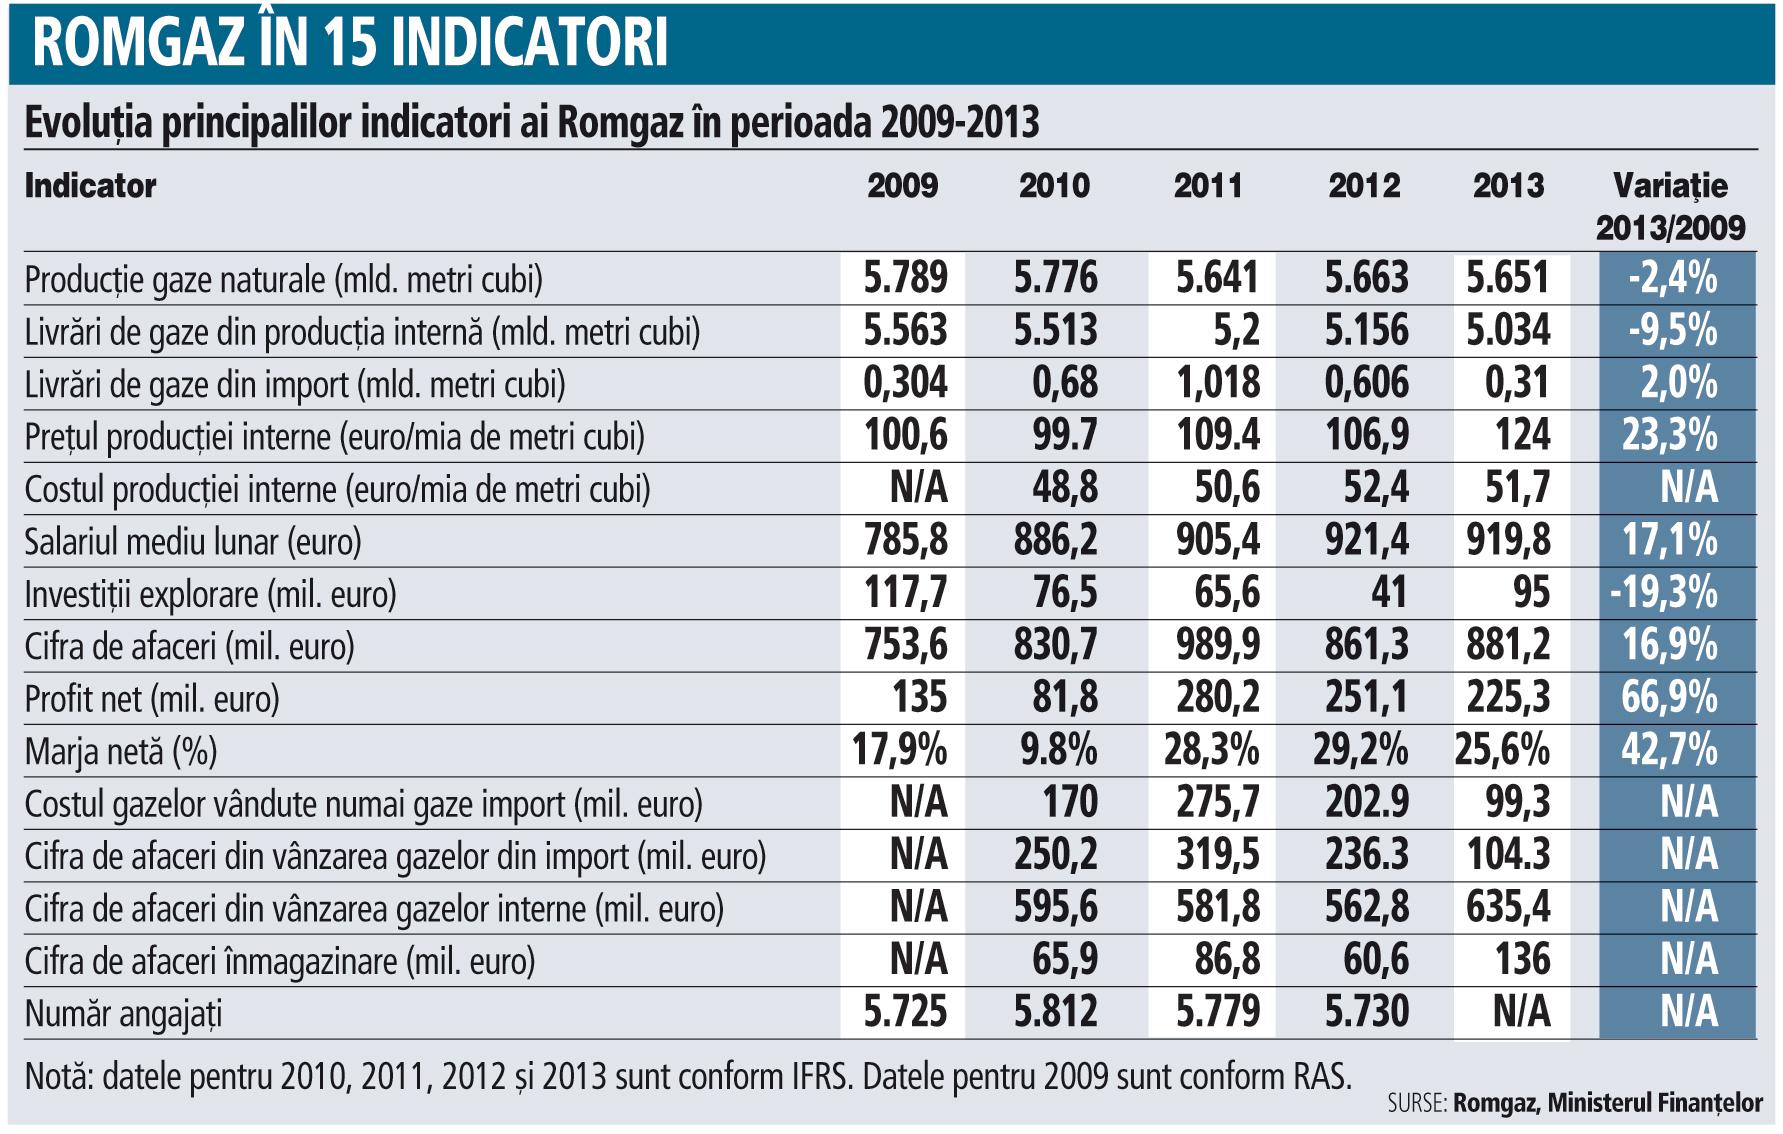 Evoluţia principalilor indicatori ai Romgaz în perioada 2009-2013